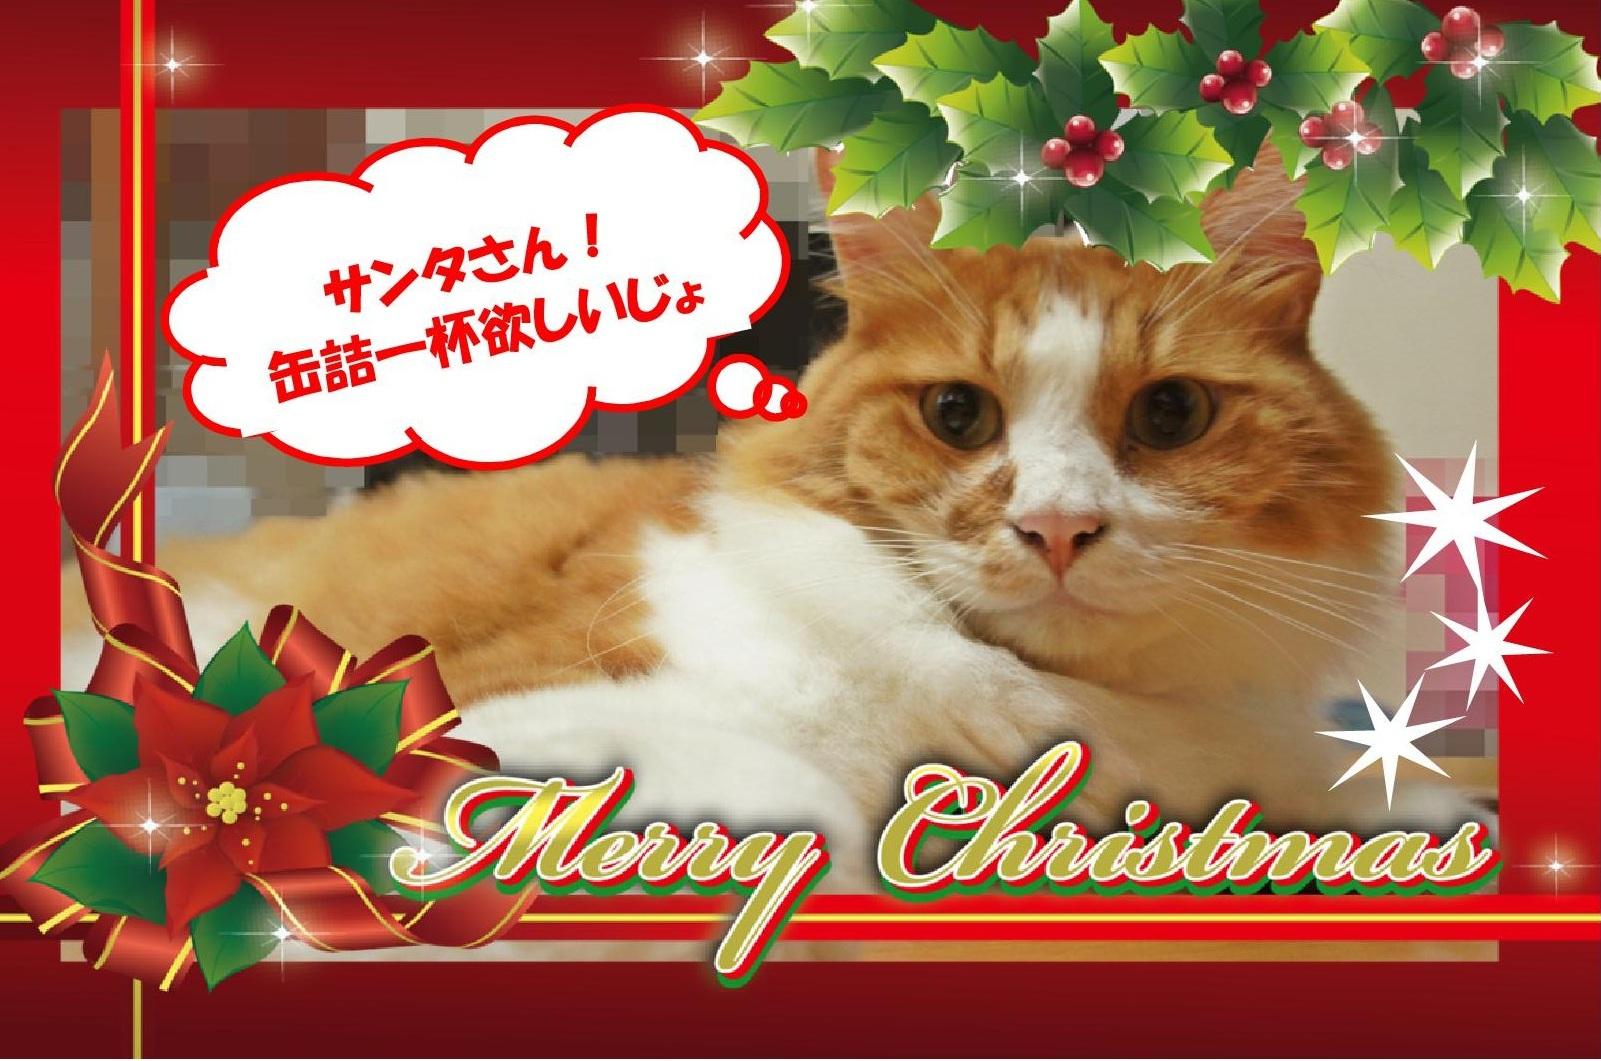 ひ クリスマスカード